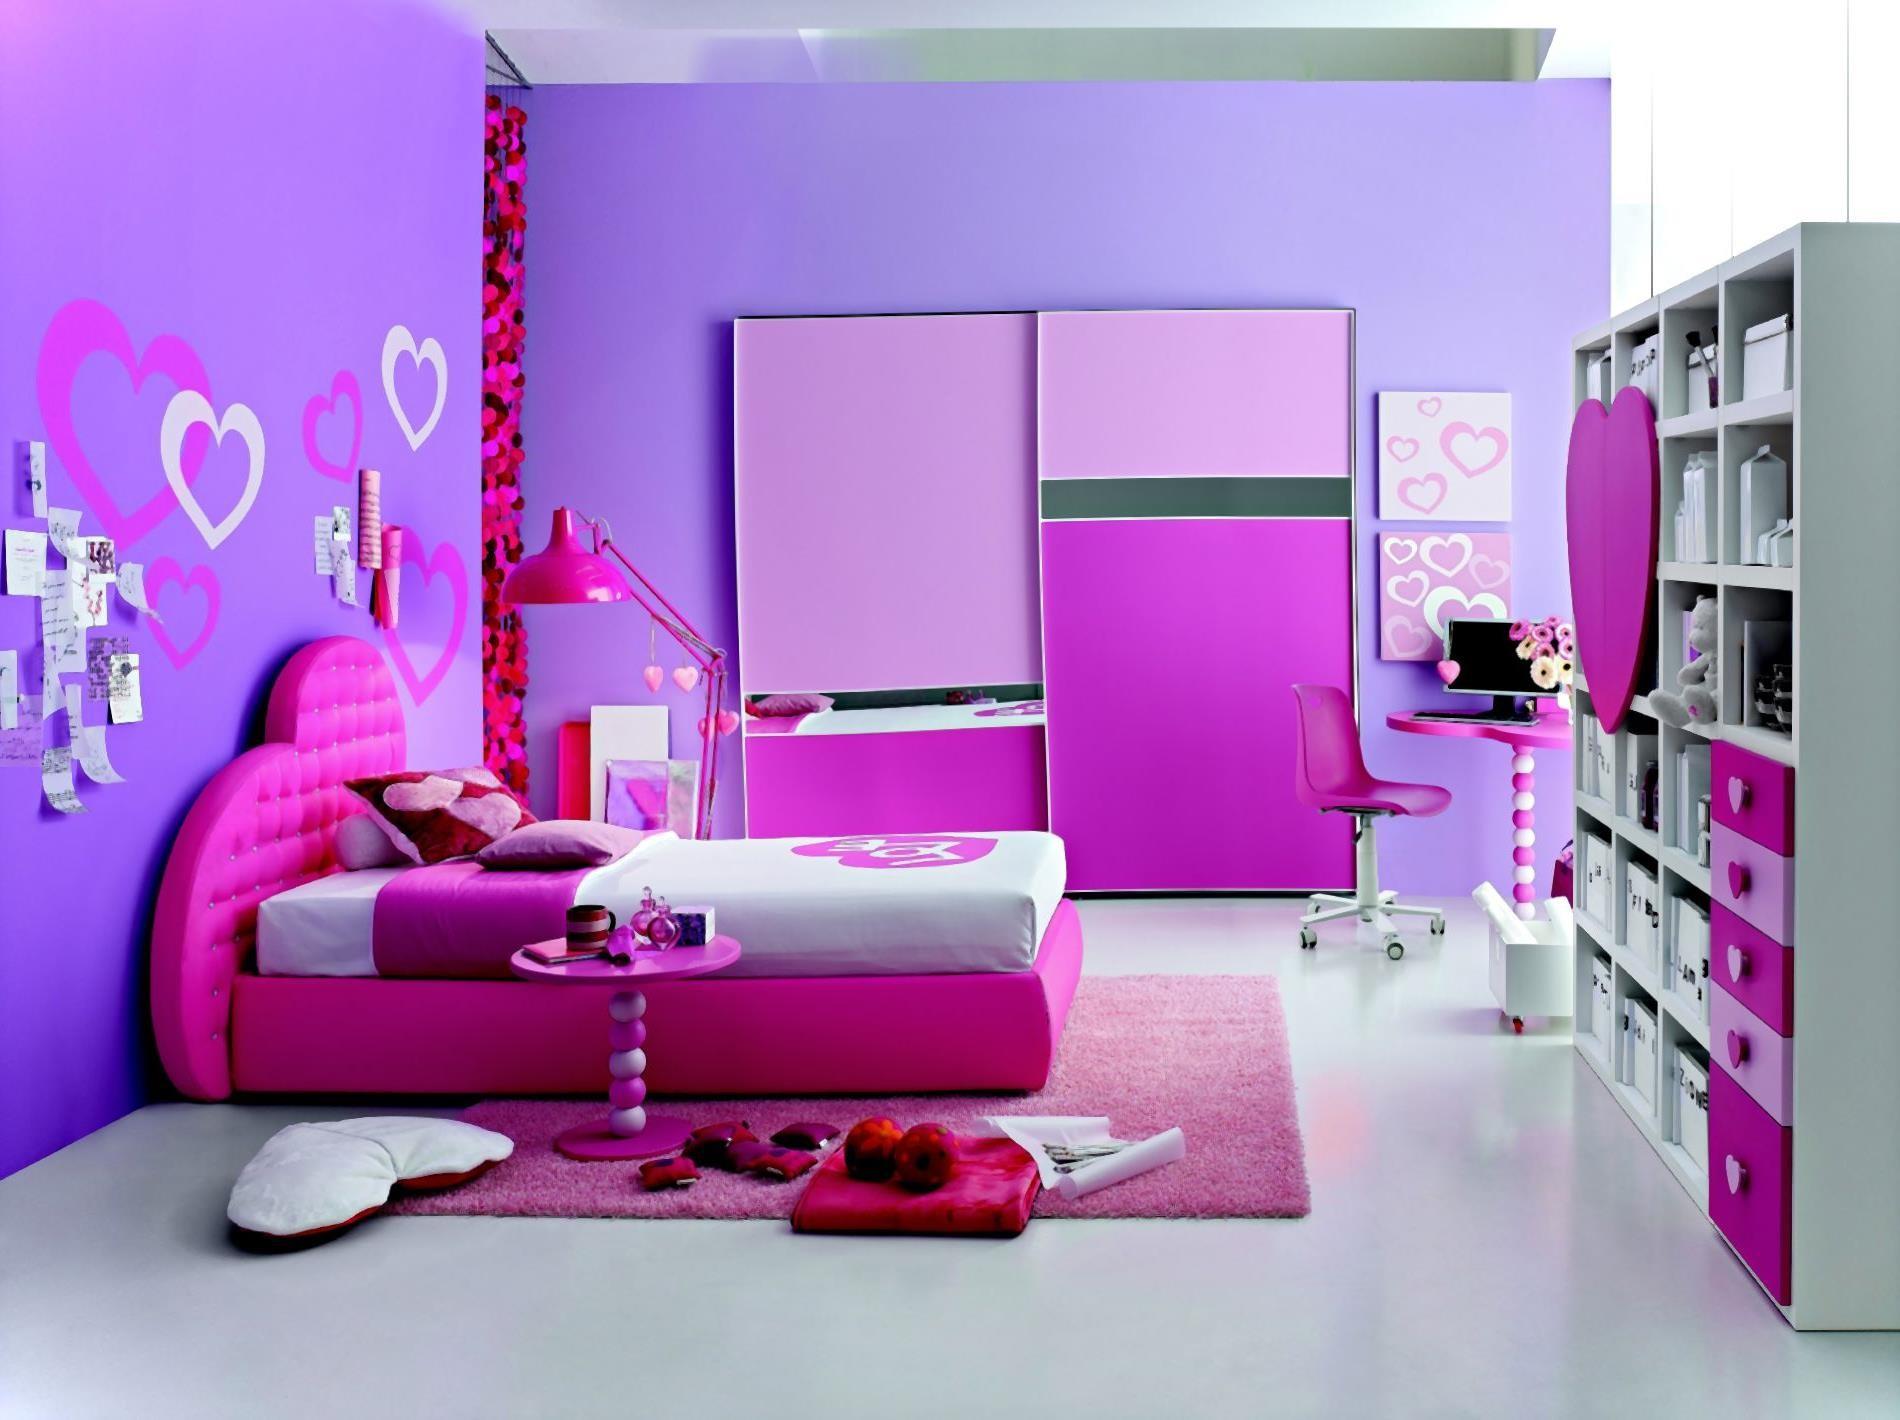 kids bedroom designs for girls - Design On Vine